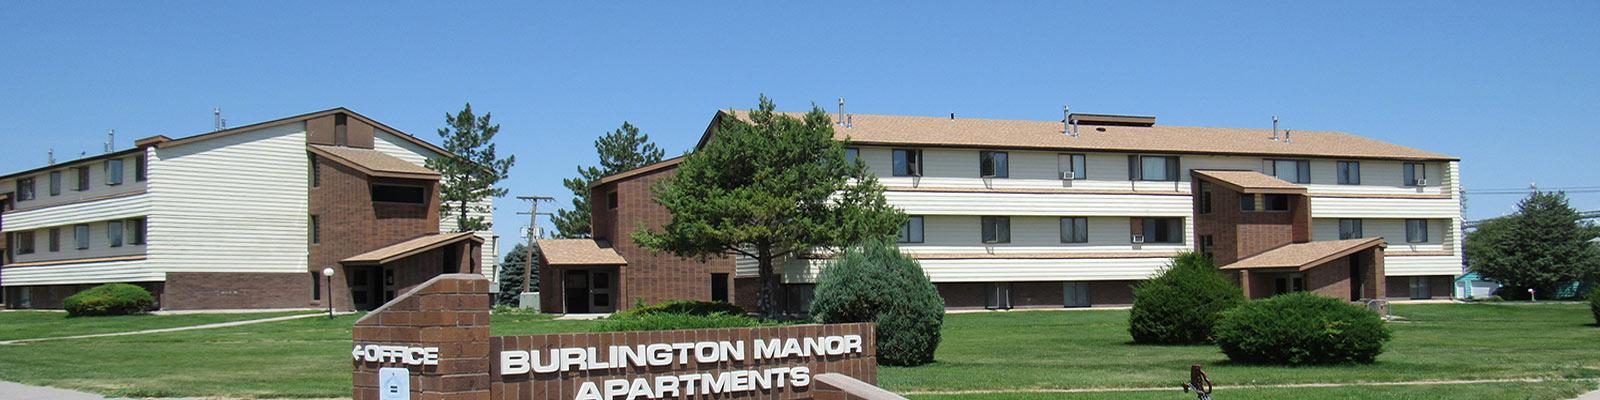 Burlington apartments header